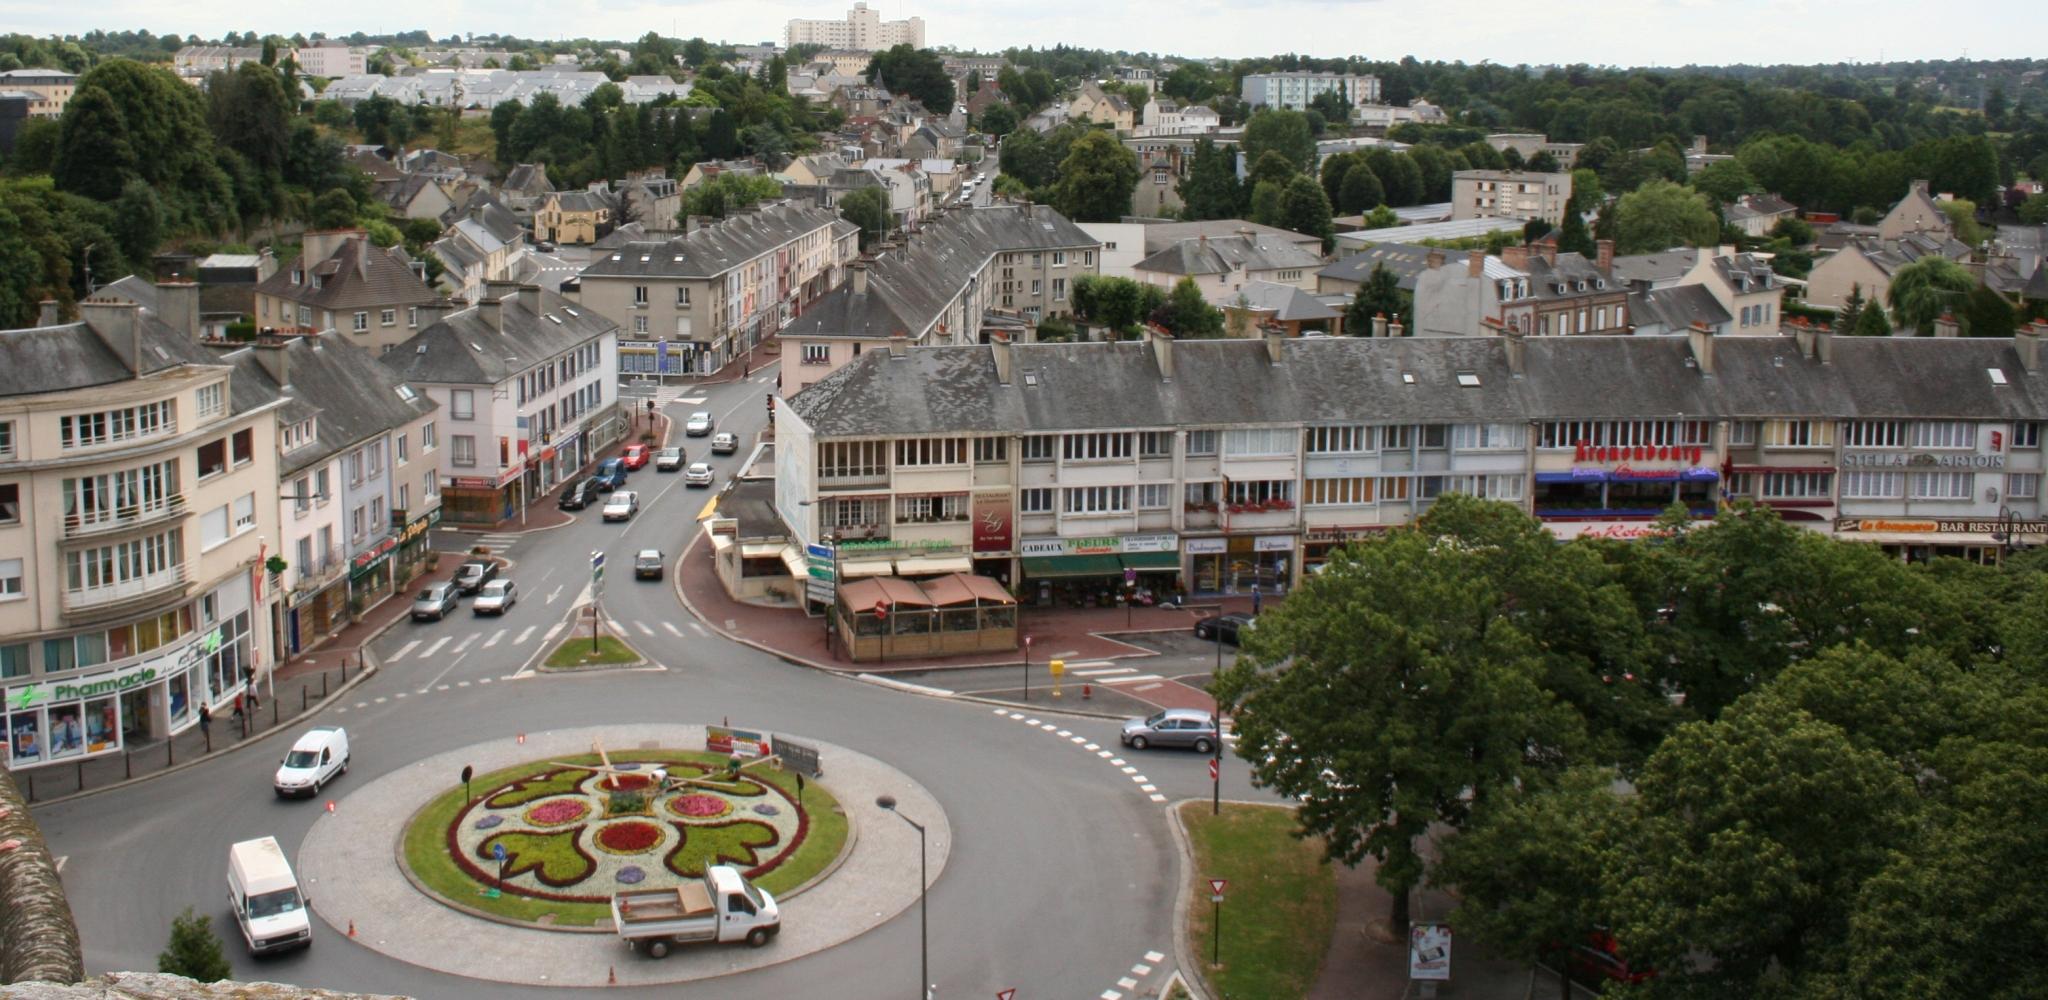 Saint-Lo France  City new picture : ... Route villedieur et mémorial saint lo france Wikimedia Commons